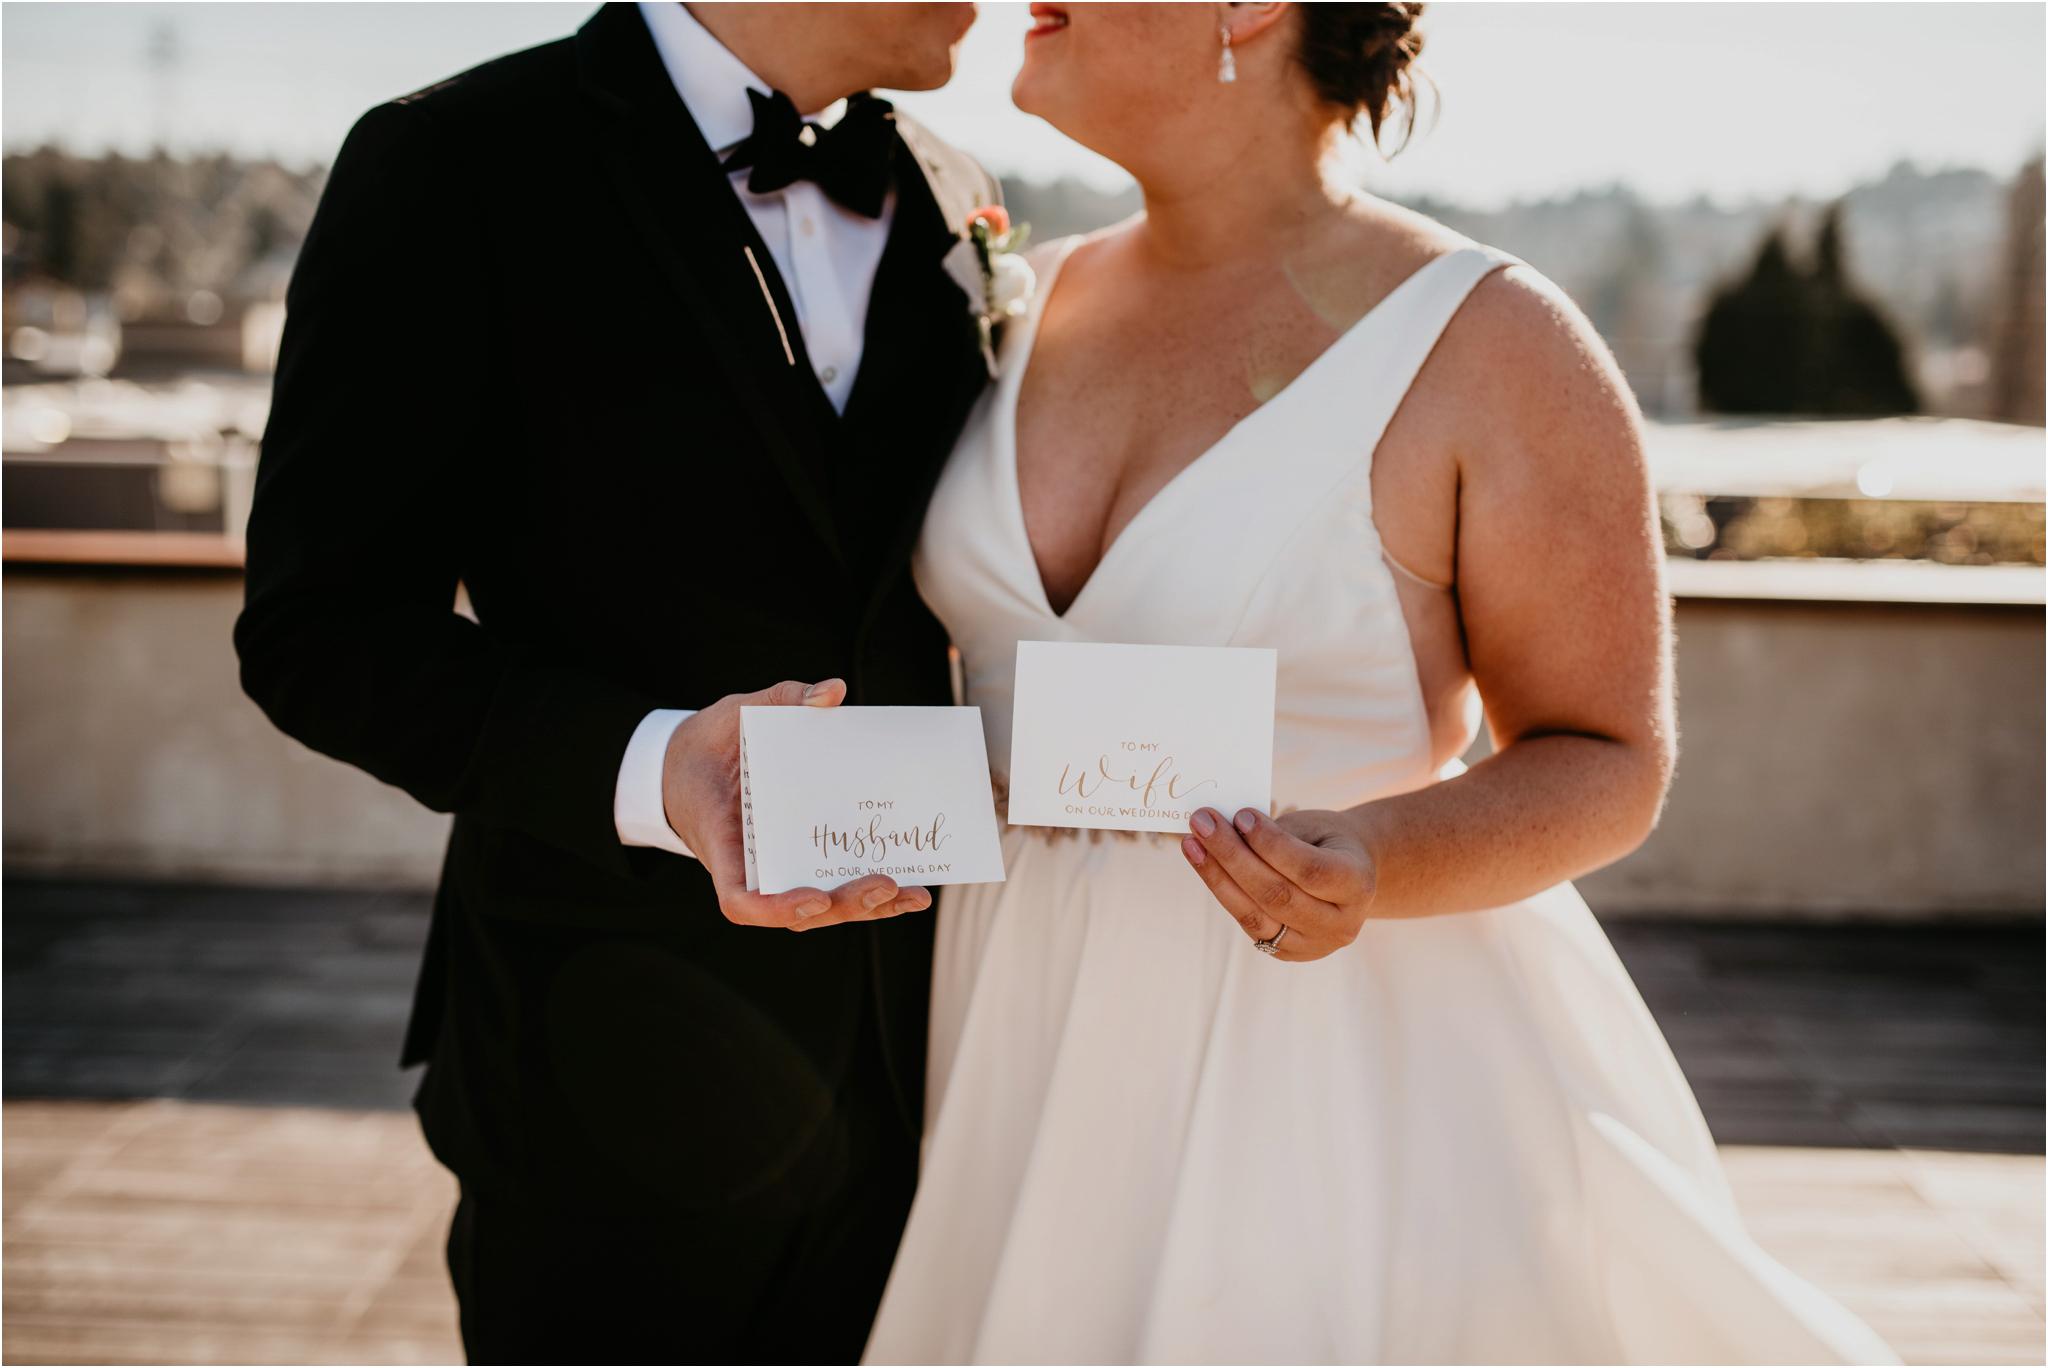 ashley-and-david-fremont-foundry-seattle-washington-wedding-photographer-038.jpg